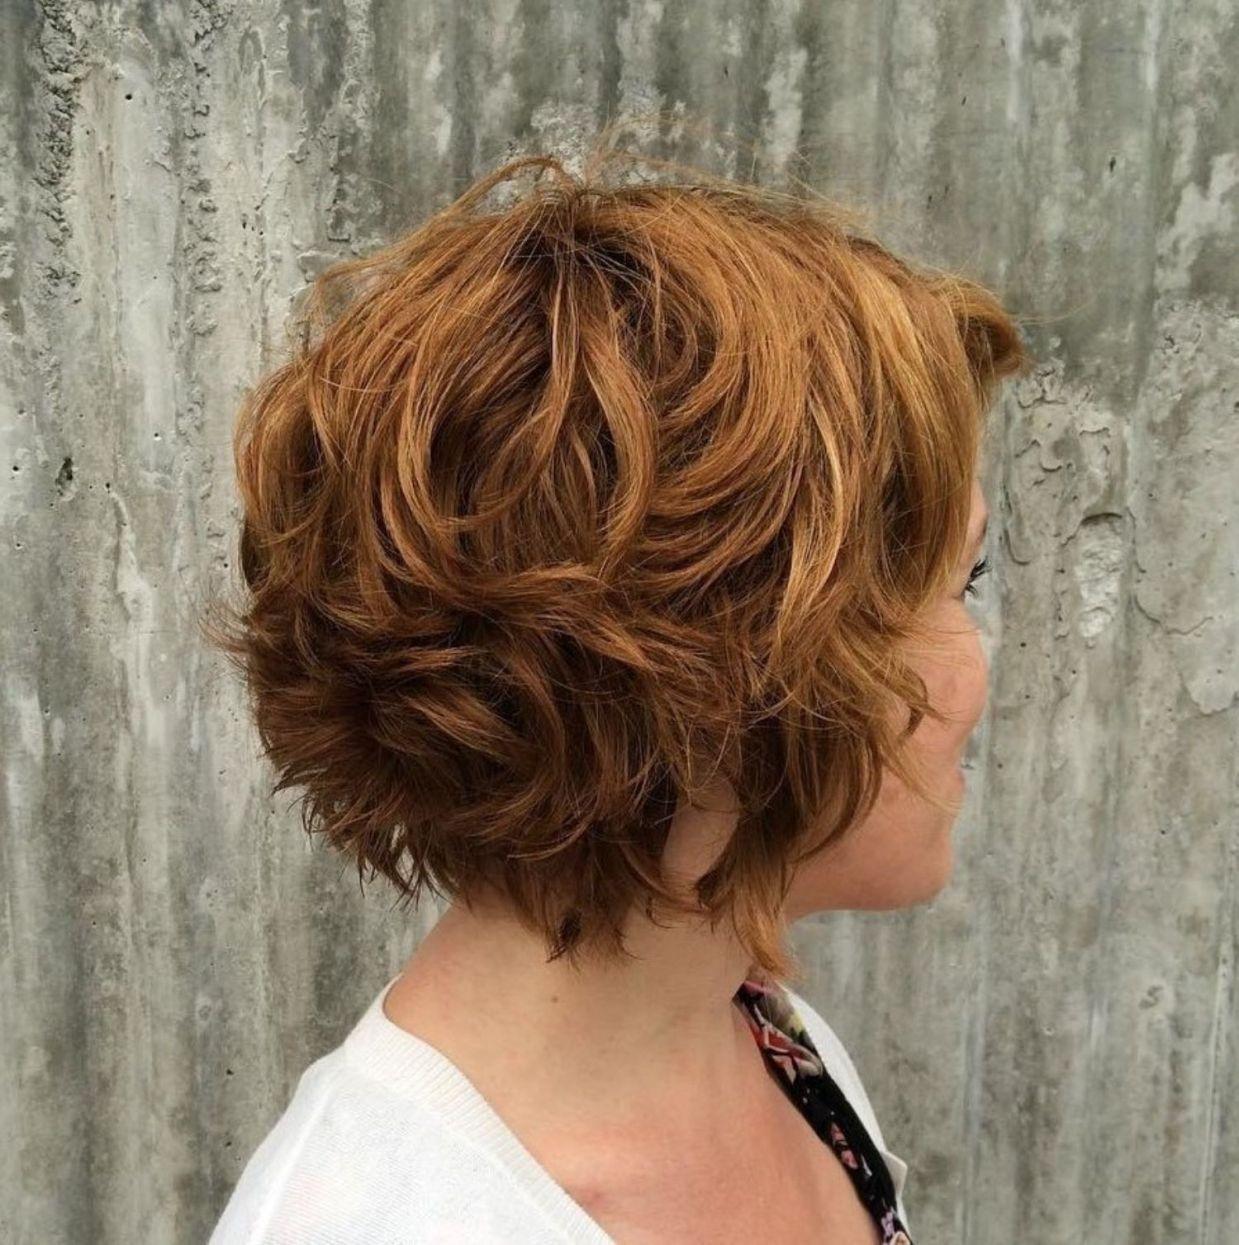 Pin On Mom Hair